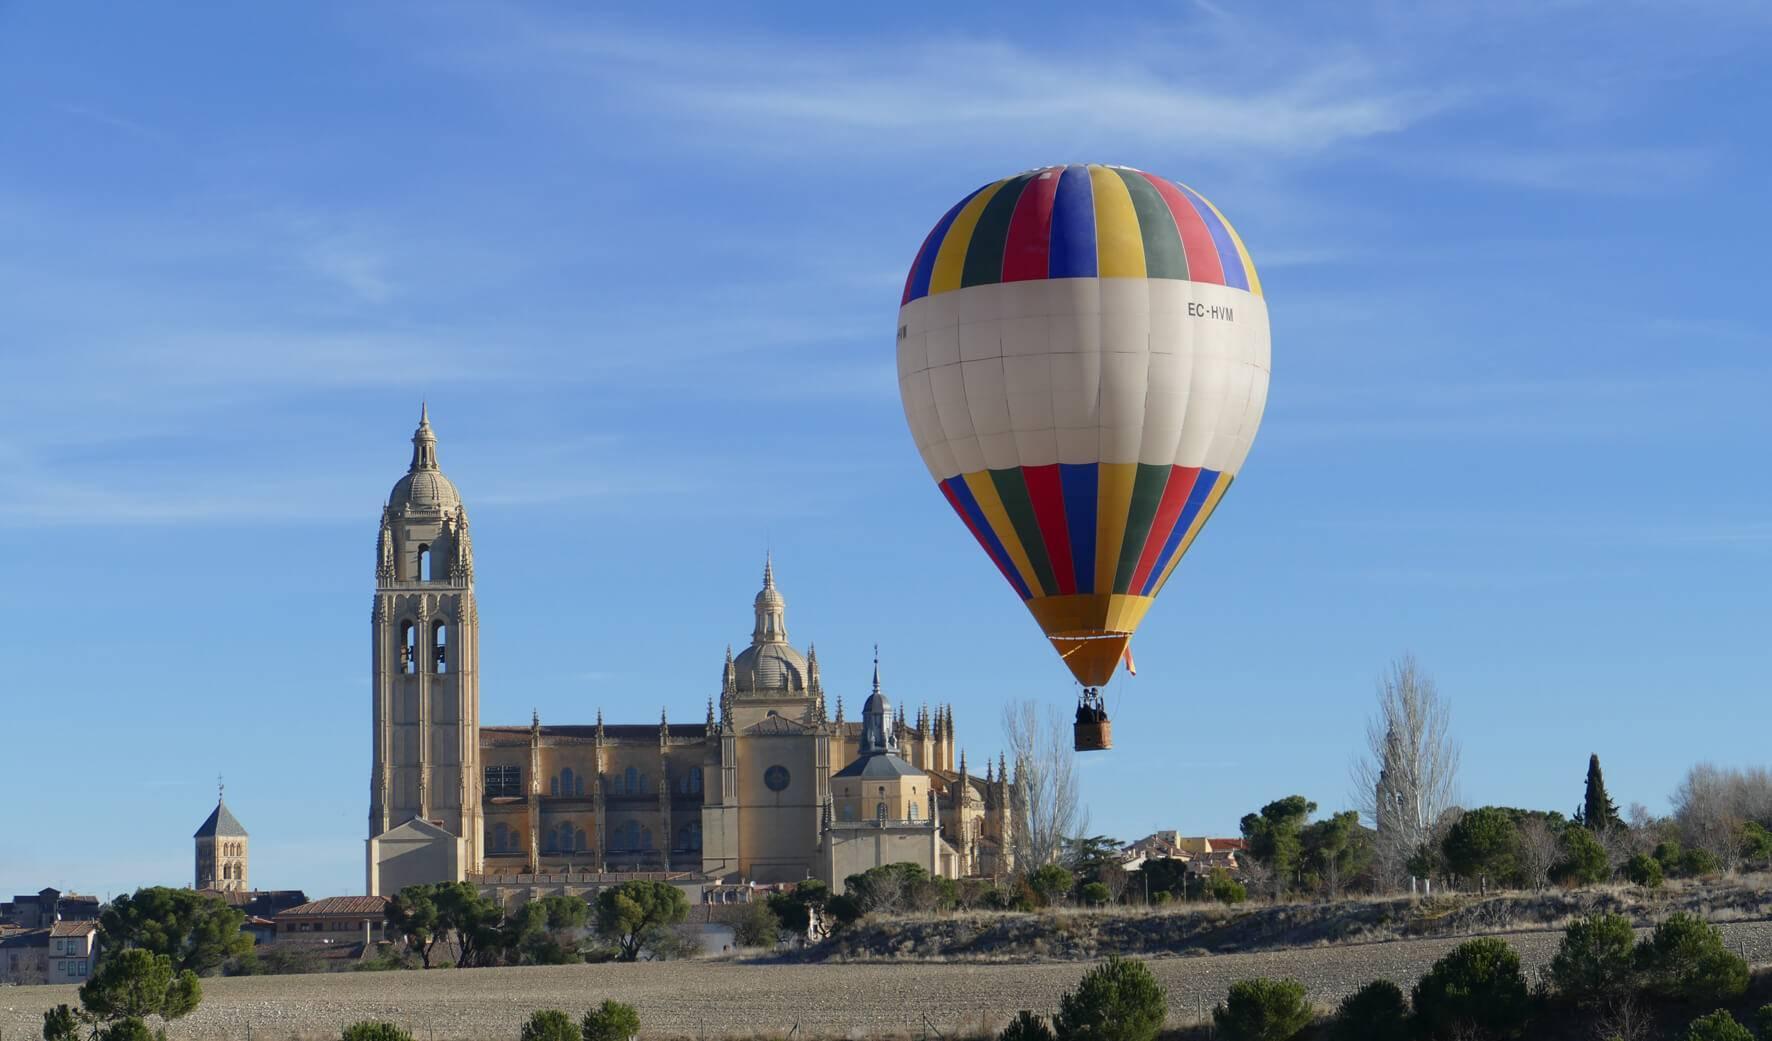 La catedral de Segovia desde un globo